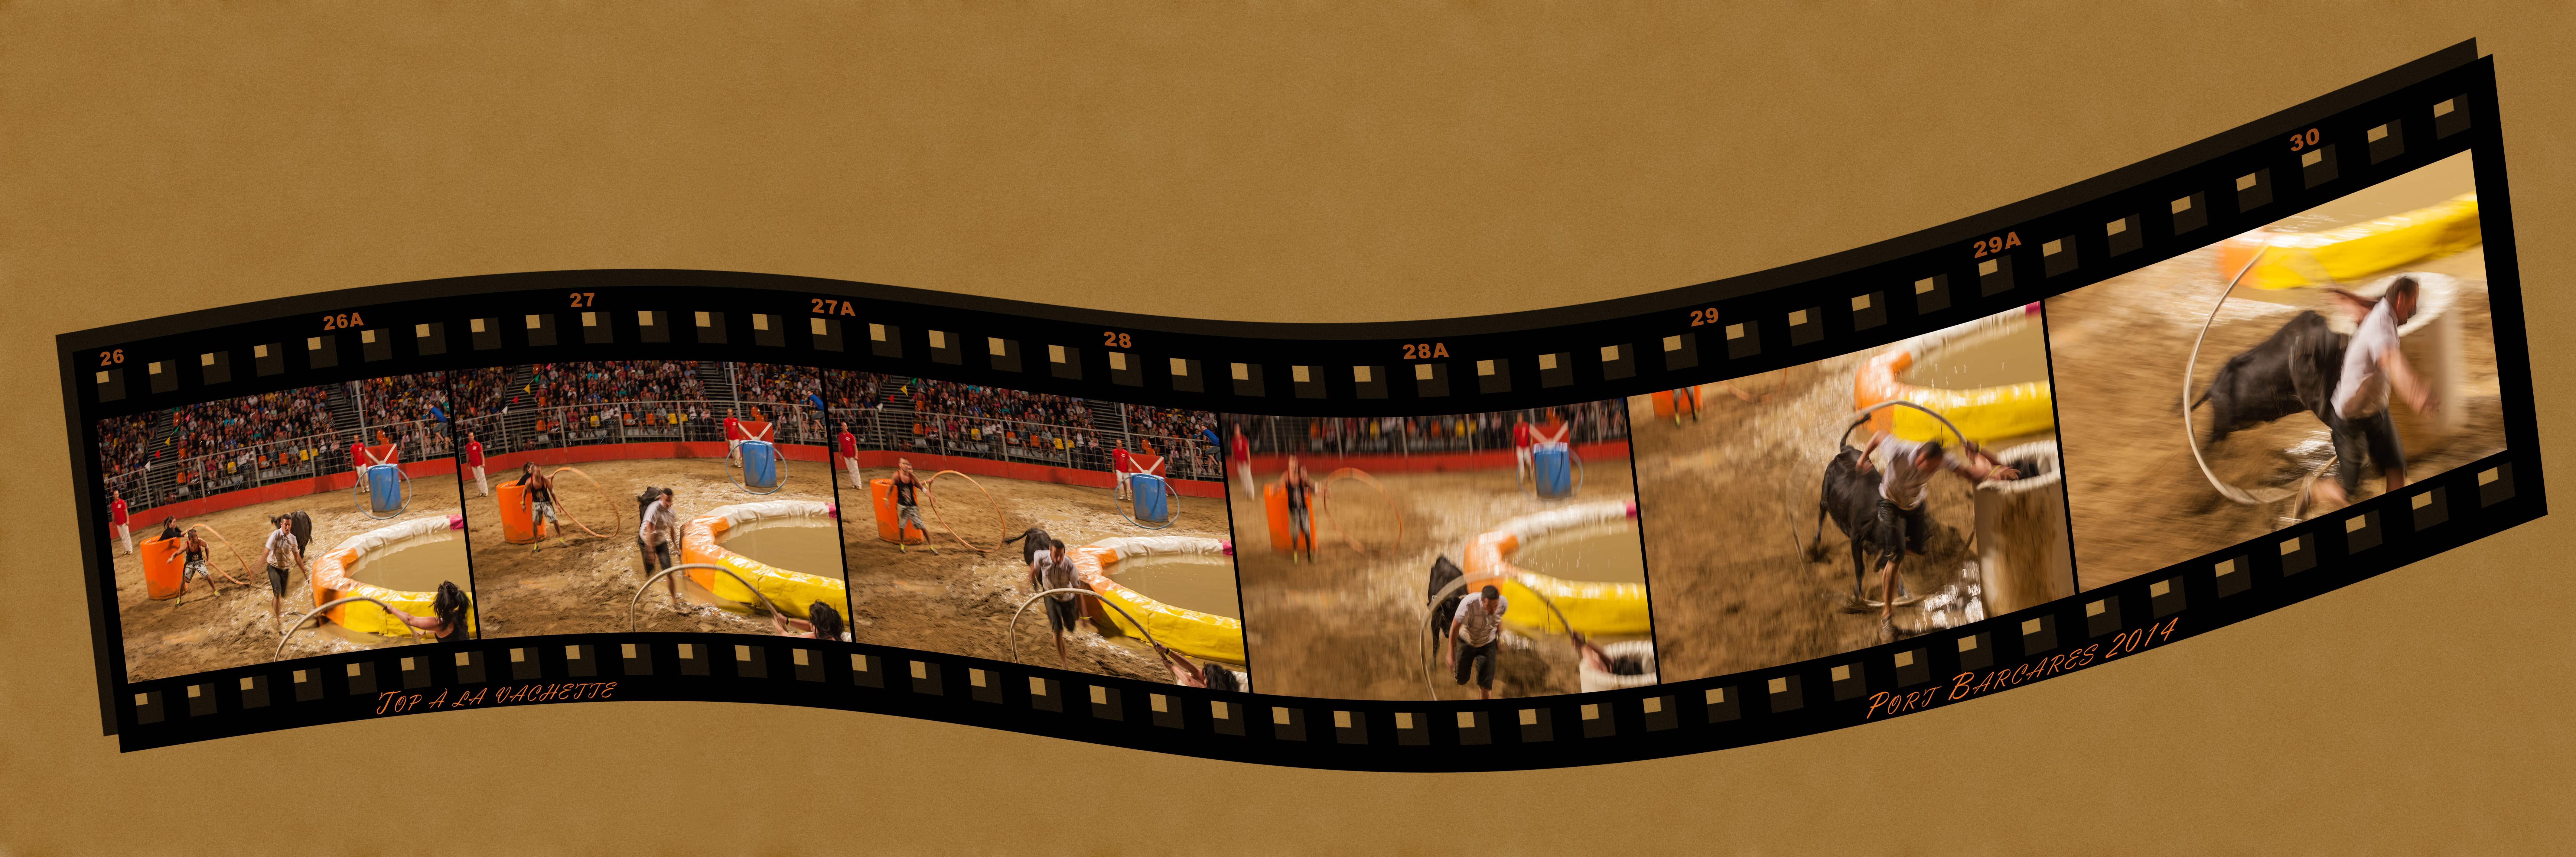 Créer une pellicule photo-diapo avec photoshop - Page 4 411452FilmCerceaux2